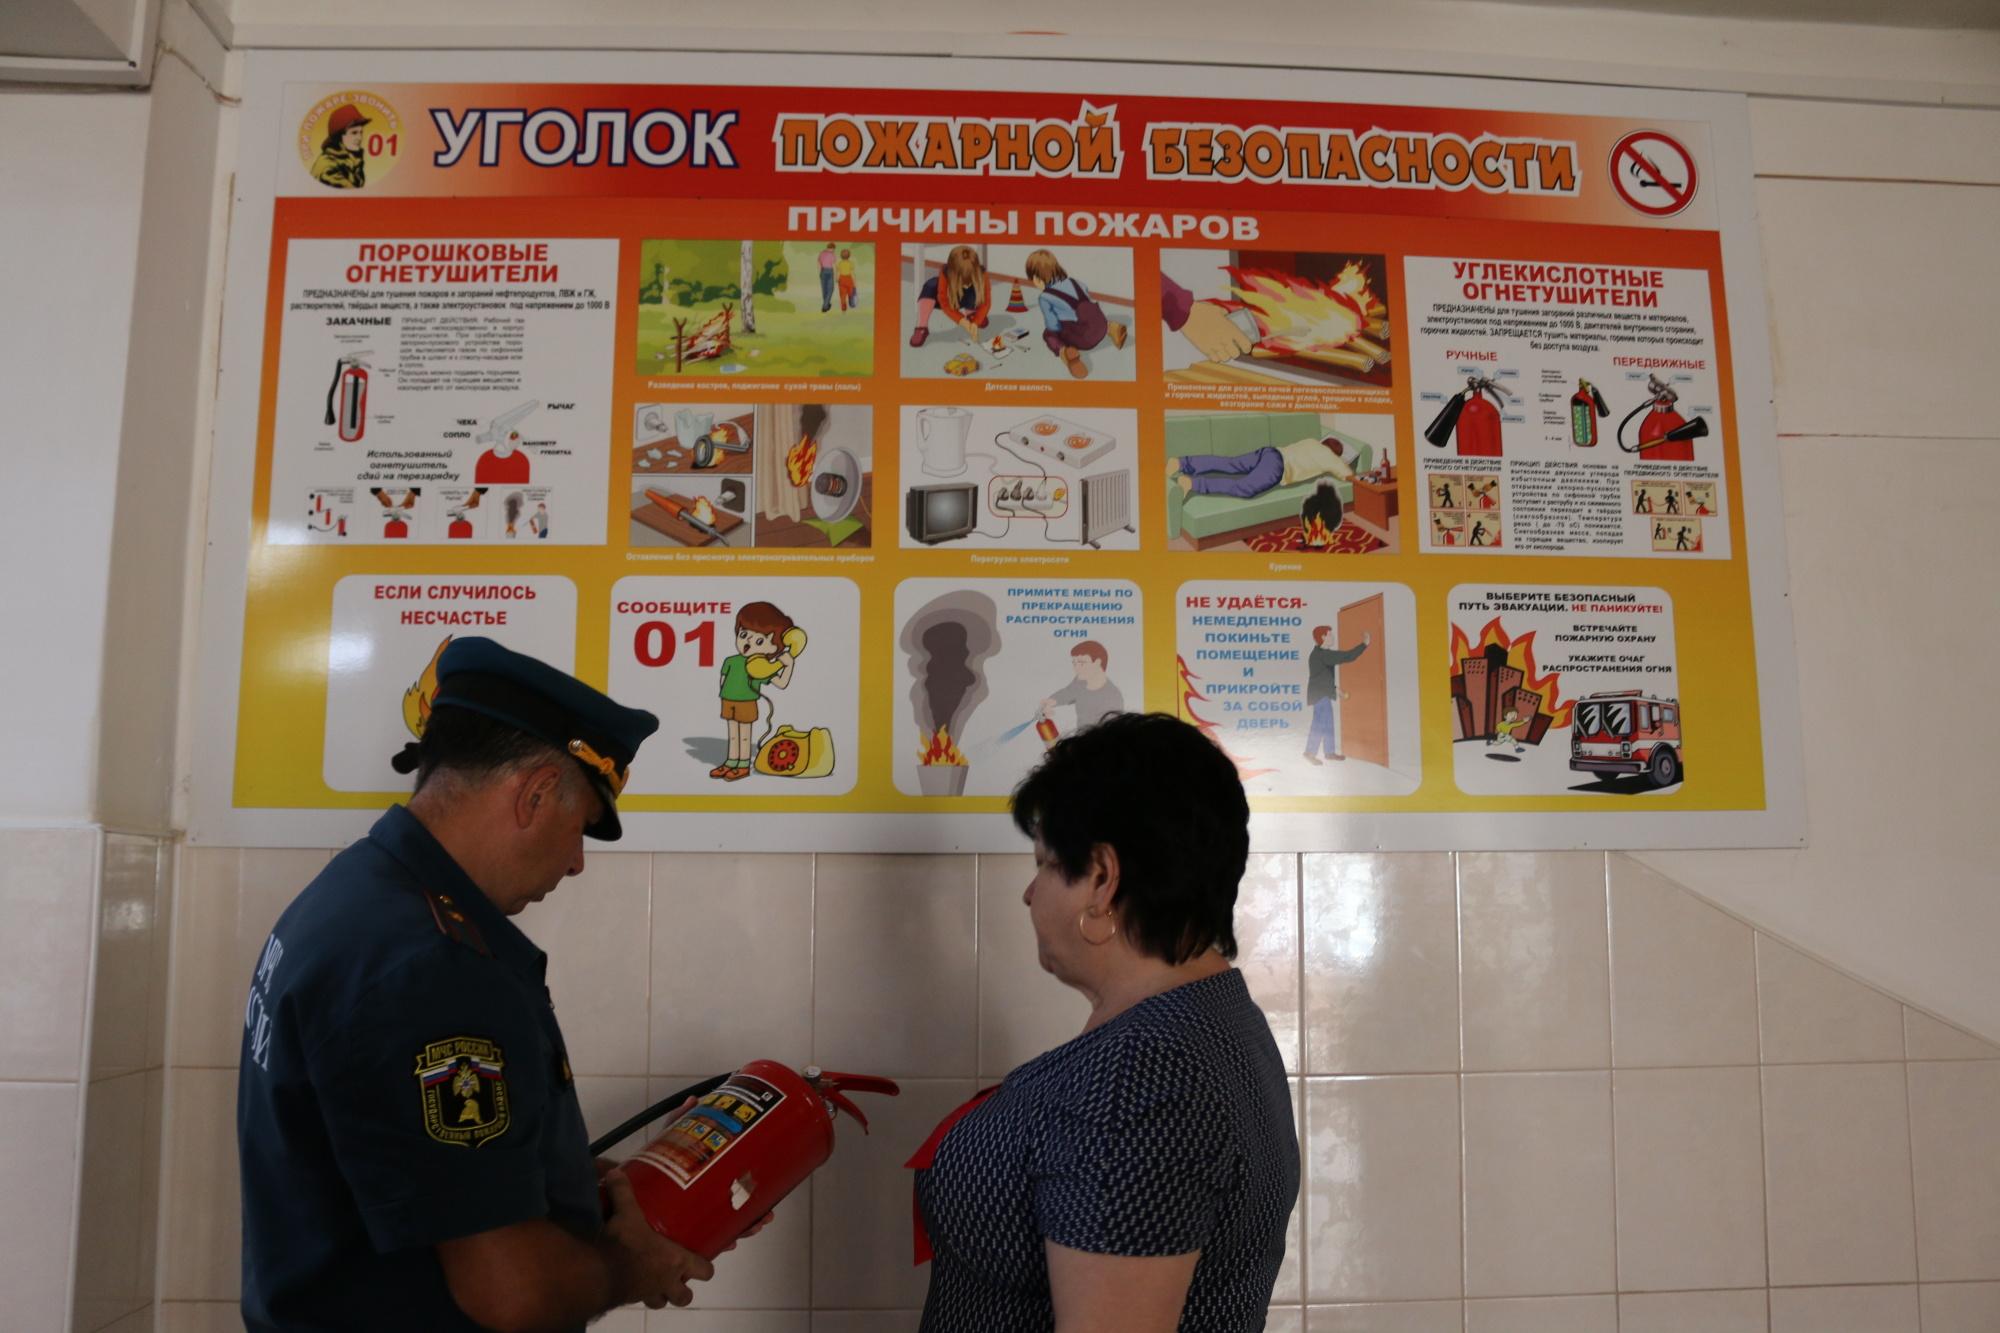 В школах обязательно делаются информационные стенды с плакатами и схемами по пожарной безопасности для детей.